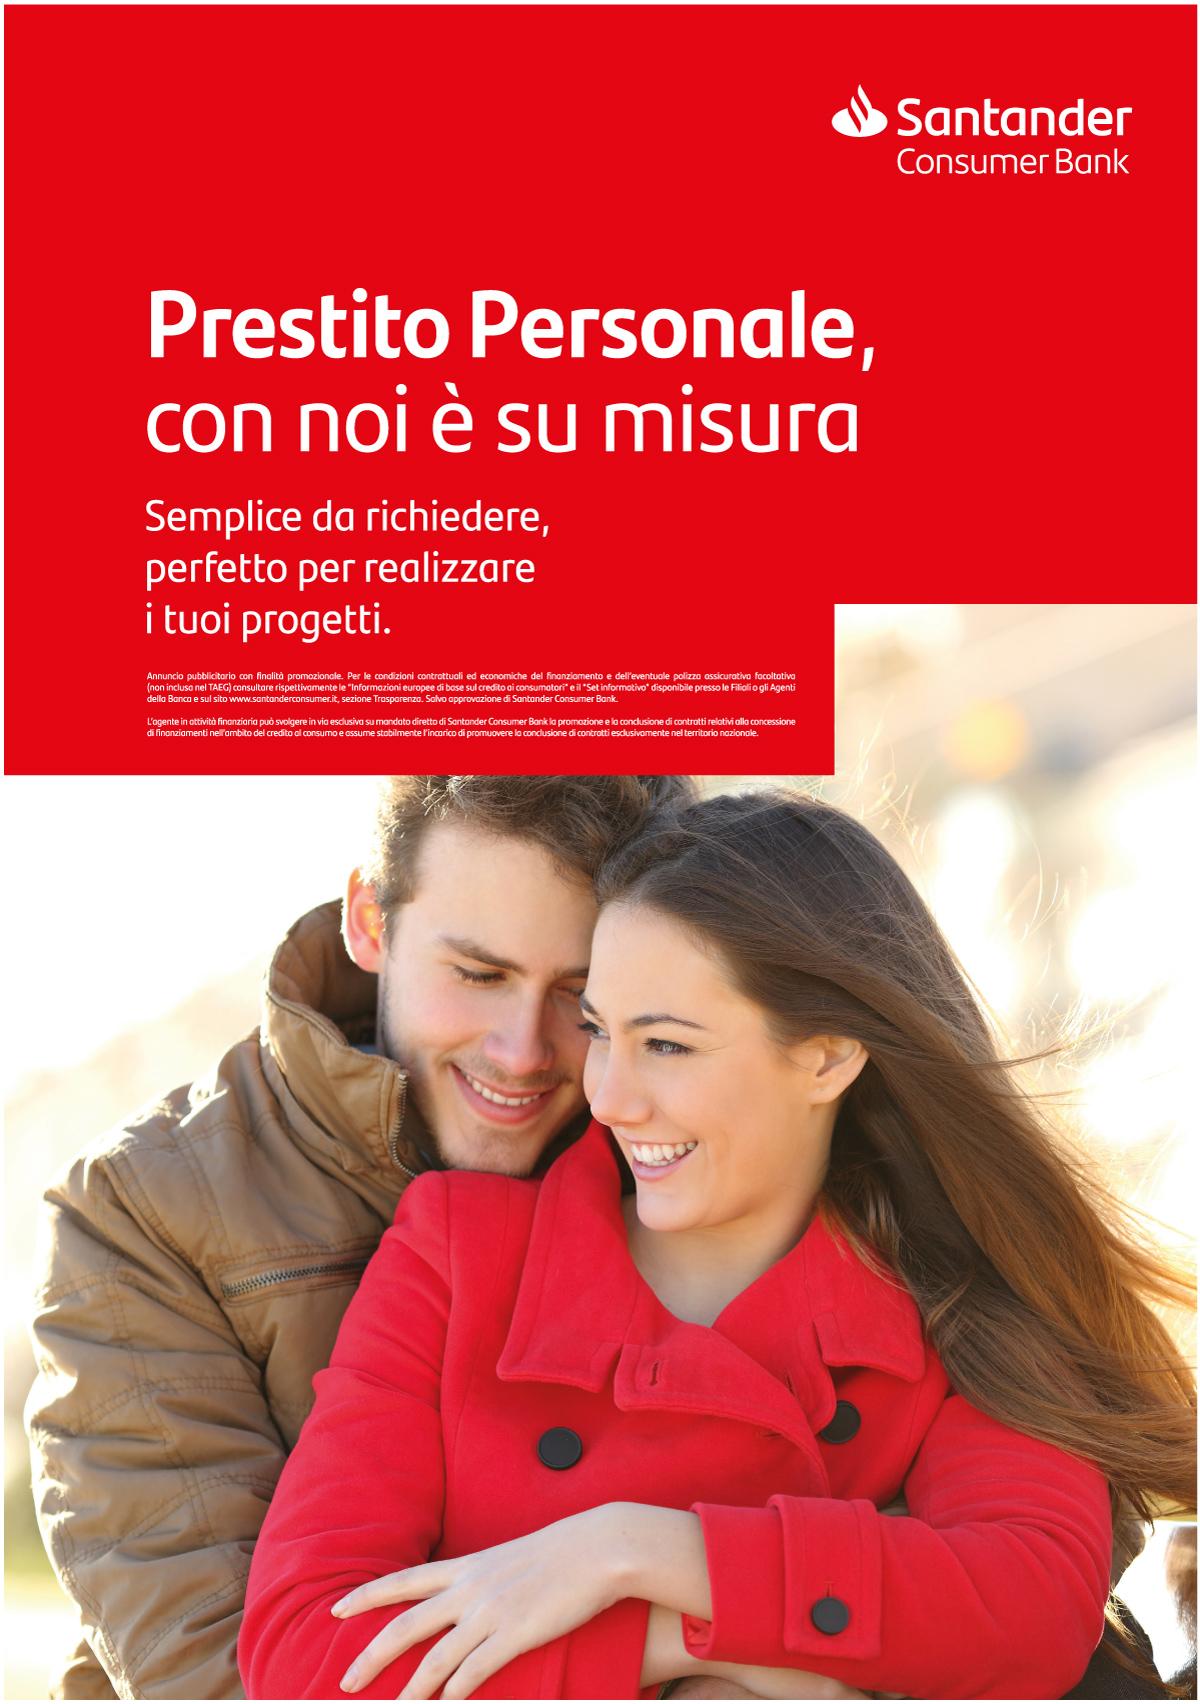 Prestito Personale Santander